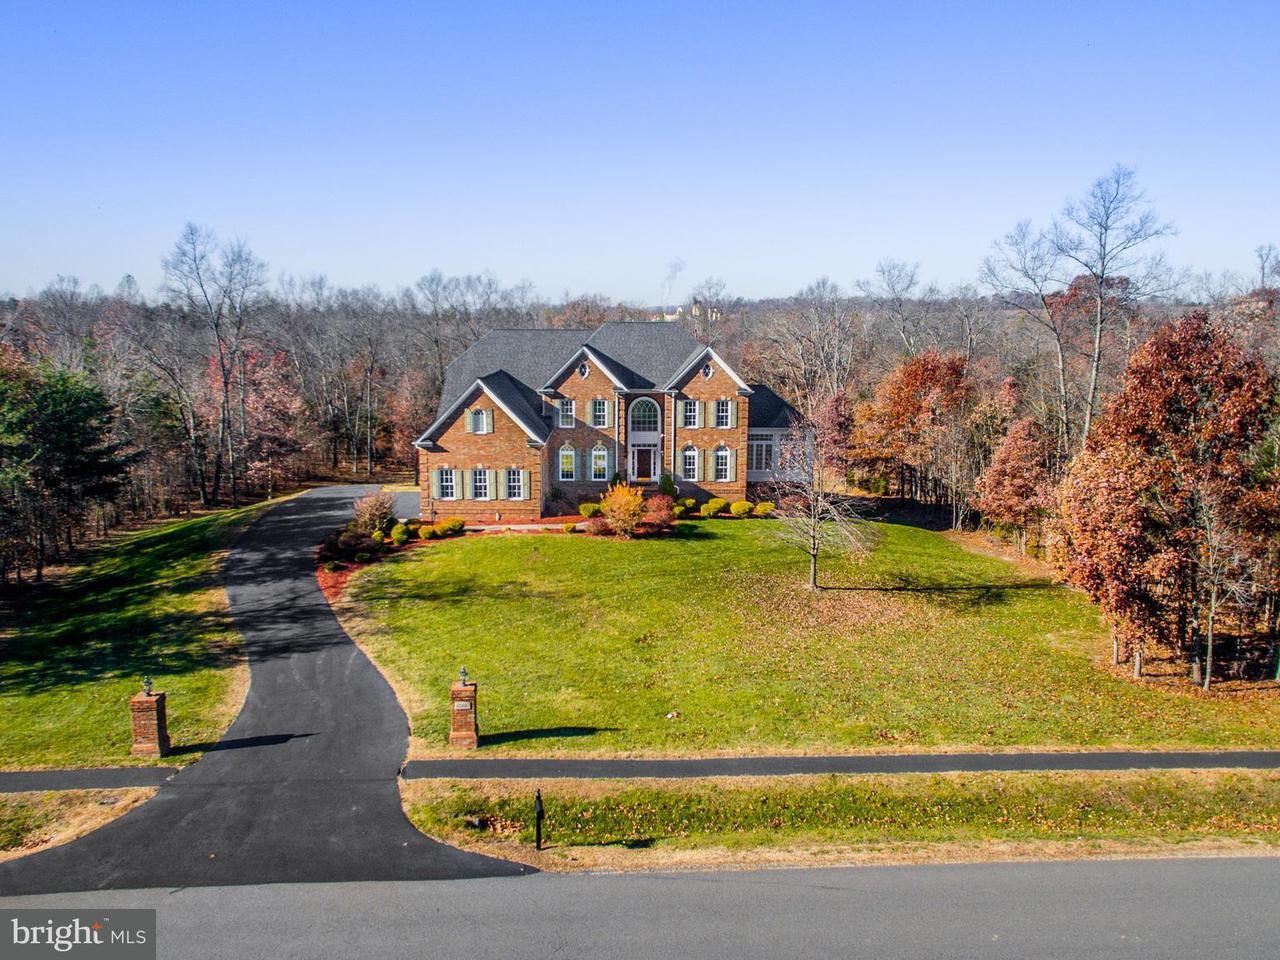 独户住宅 为 销售 在 42490 IRON BIT Place 42490 IRON BIT Place 尚蒂利, 弗吉尼亚州 20152 美国